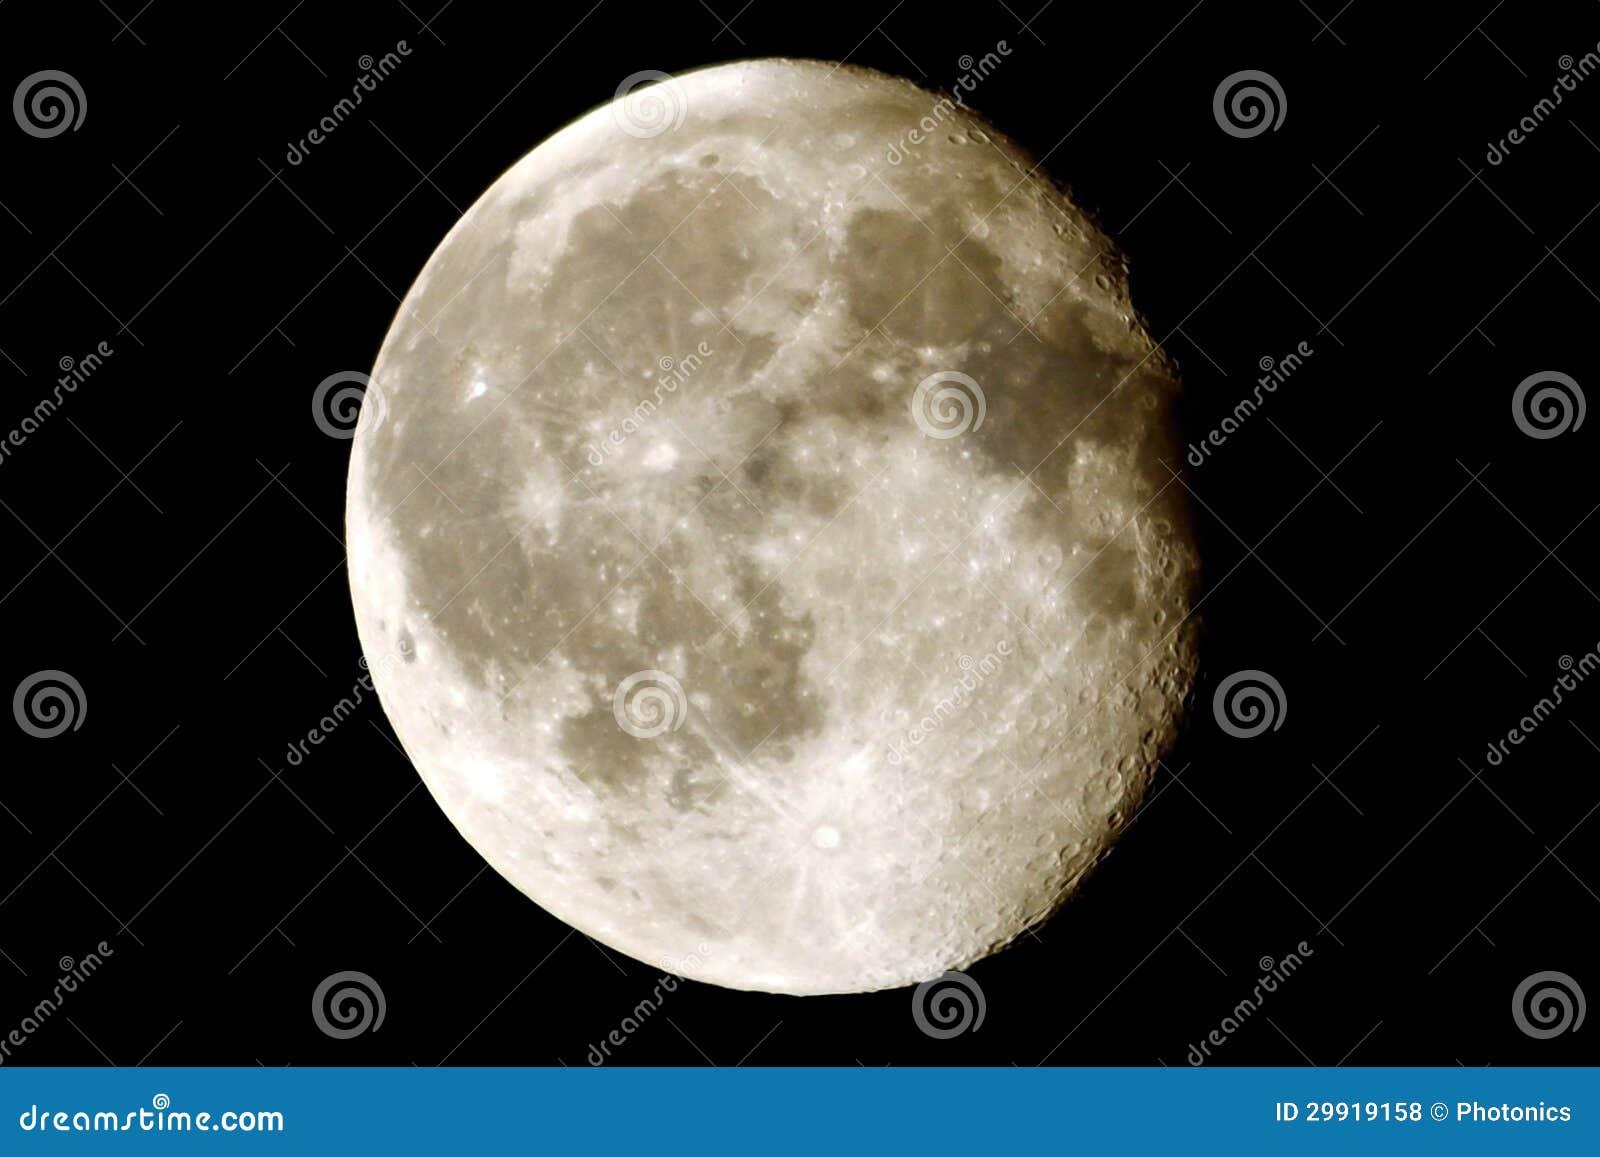 Lune avec des cratères